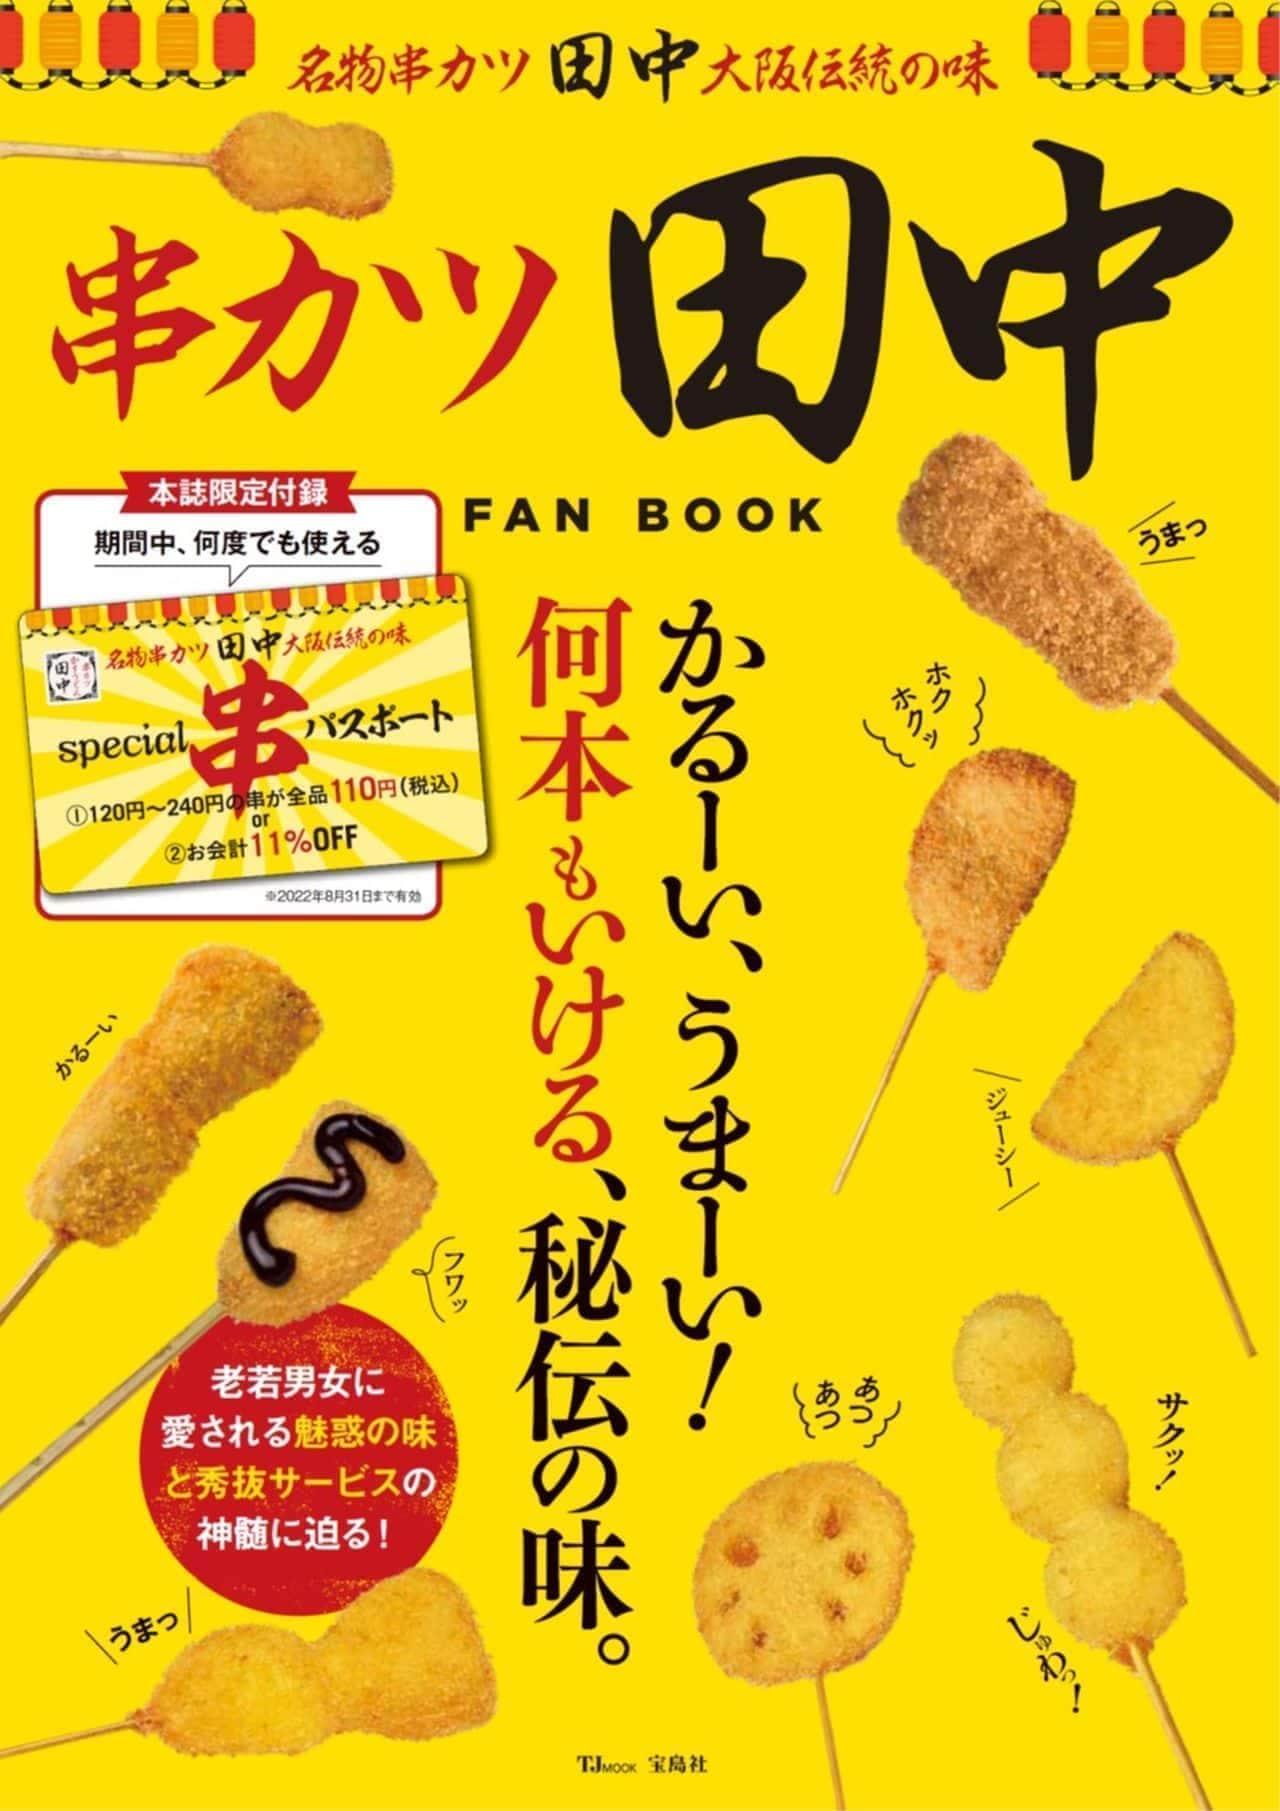 宝島社「串カツ田中 FAN BOOK」